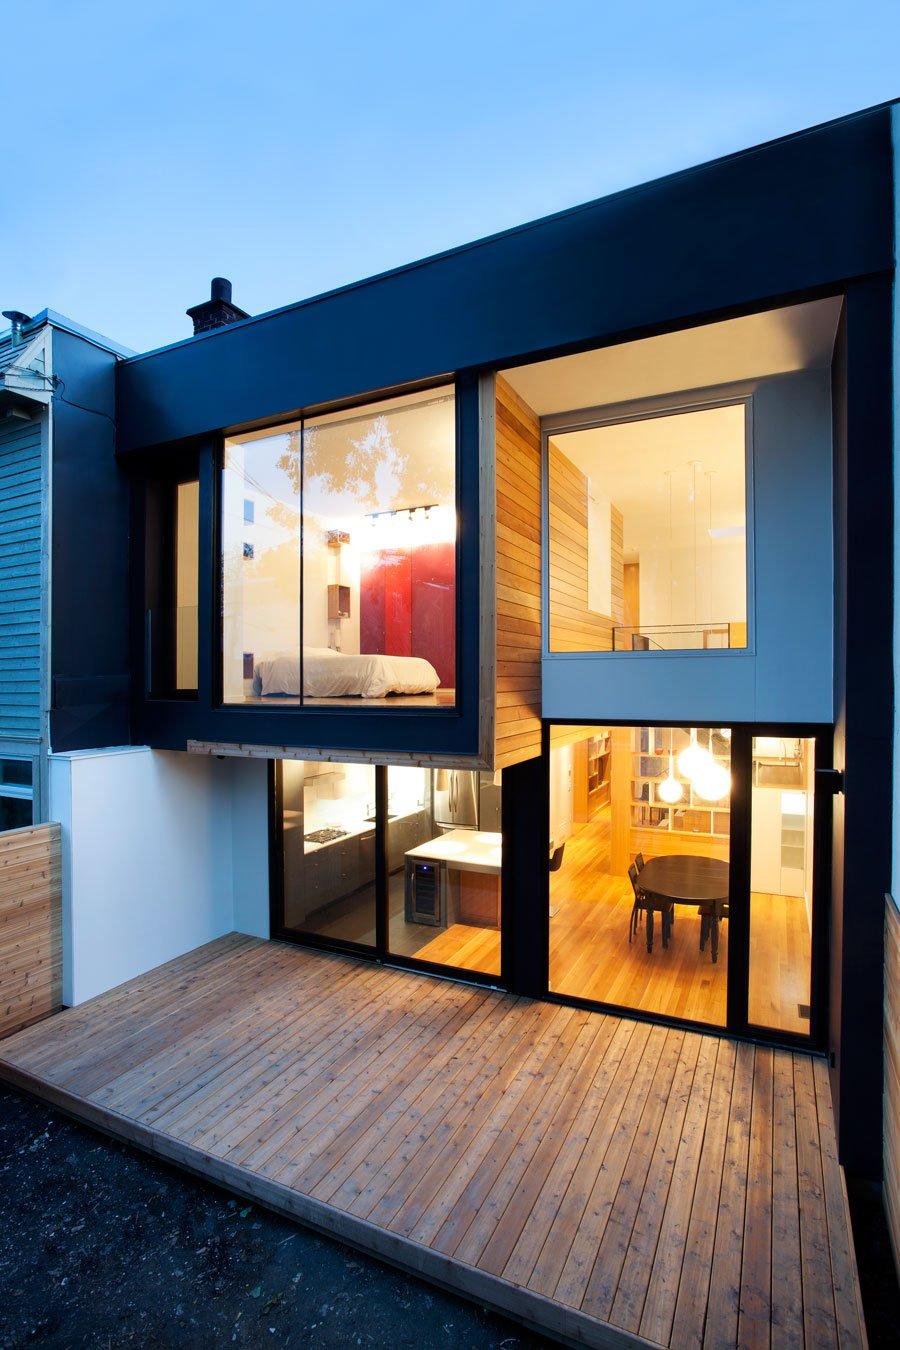 Image De Maison Moderne résidence chambord, un duplex des années 20 transformé en